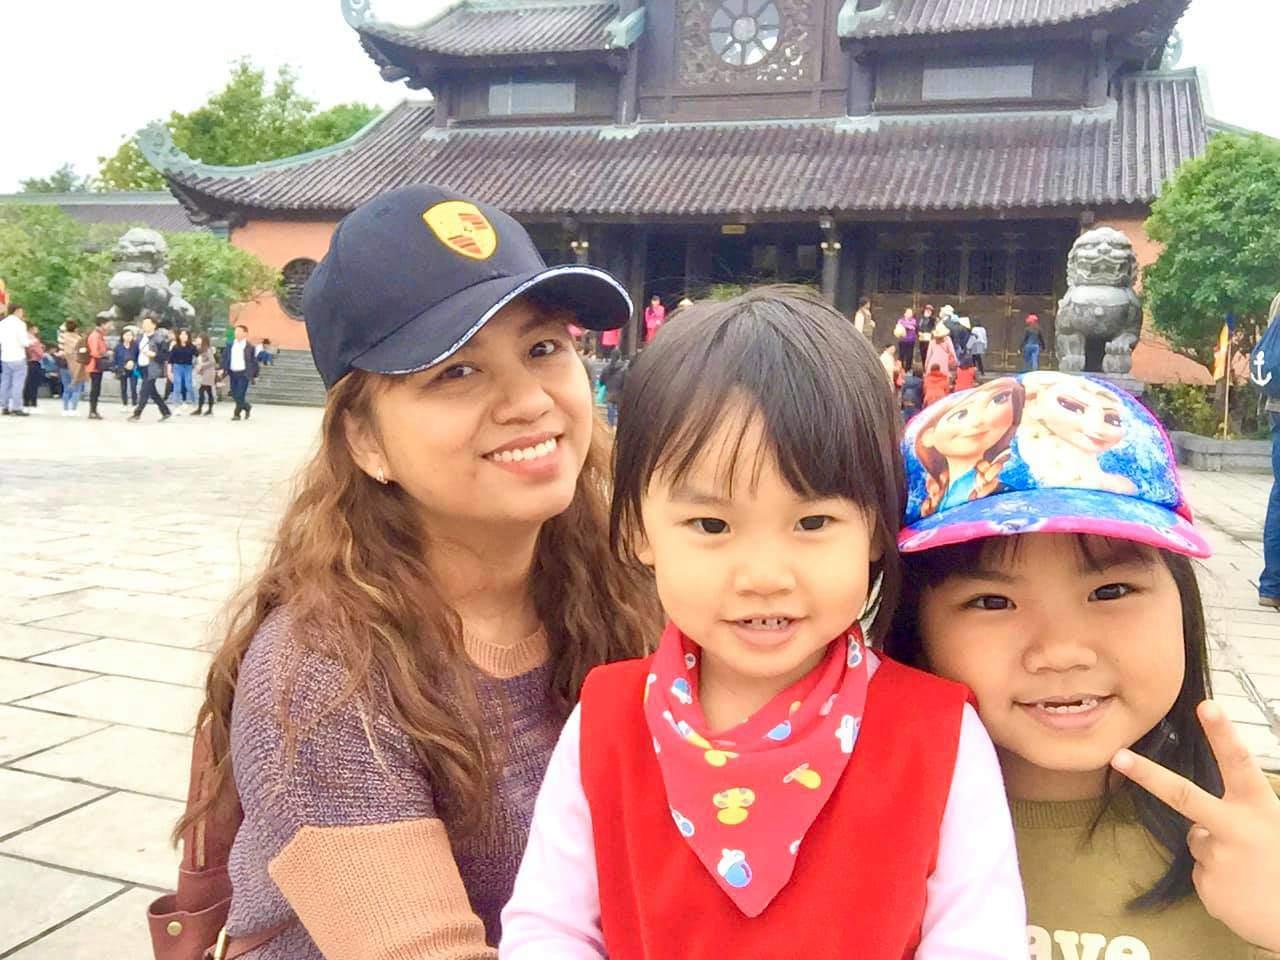 Trẻ nghỉ học tránh dịch: Mẹ gồng mình quản 8 con lẫn cháu, mẹ cho con về quê 'lánh nạn' - Ảnh 6